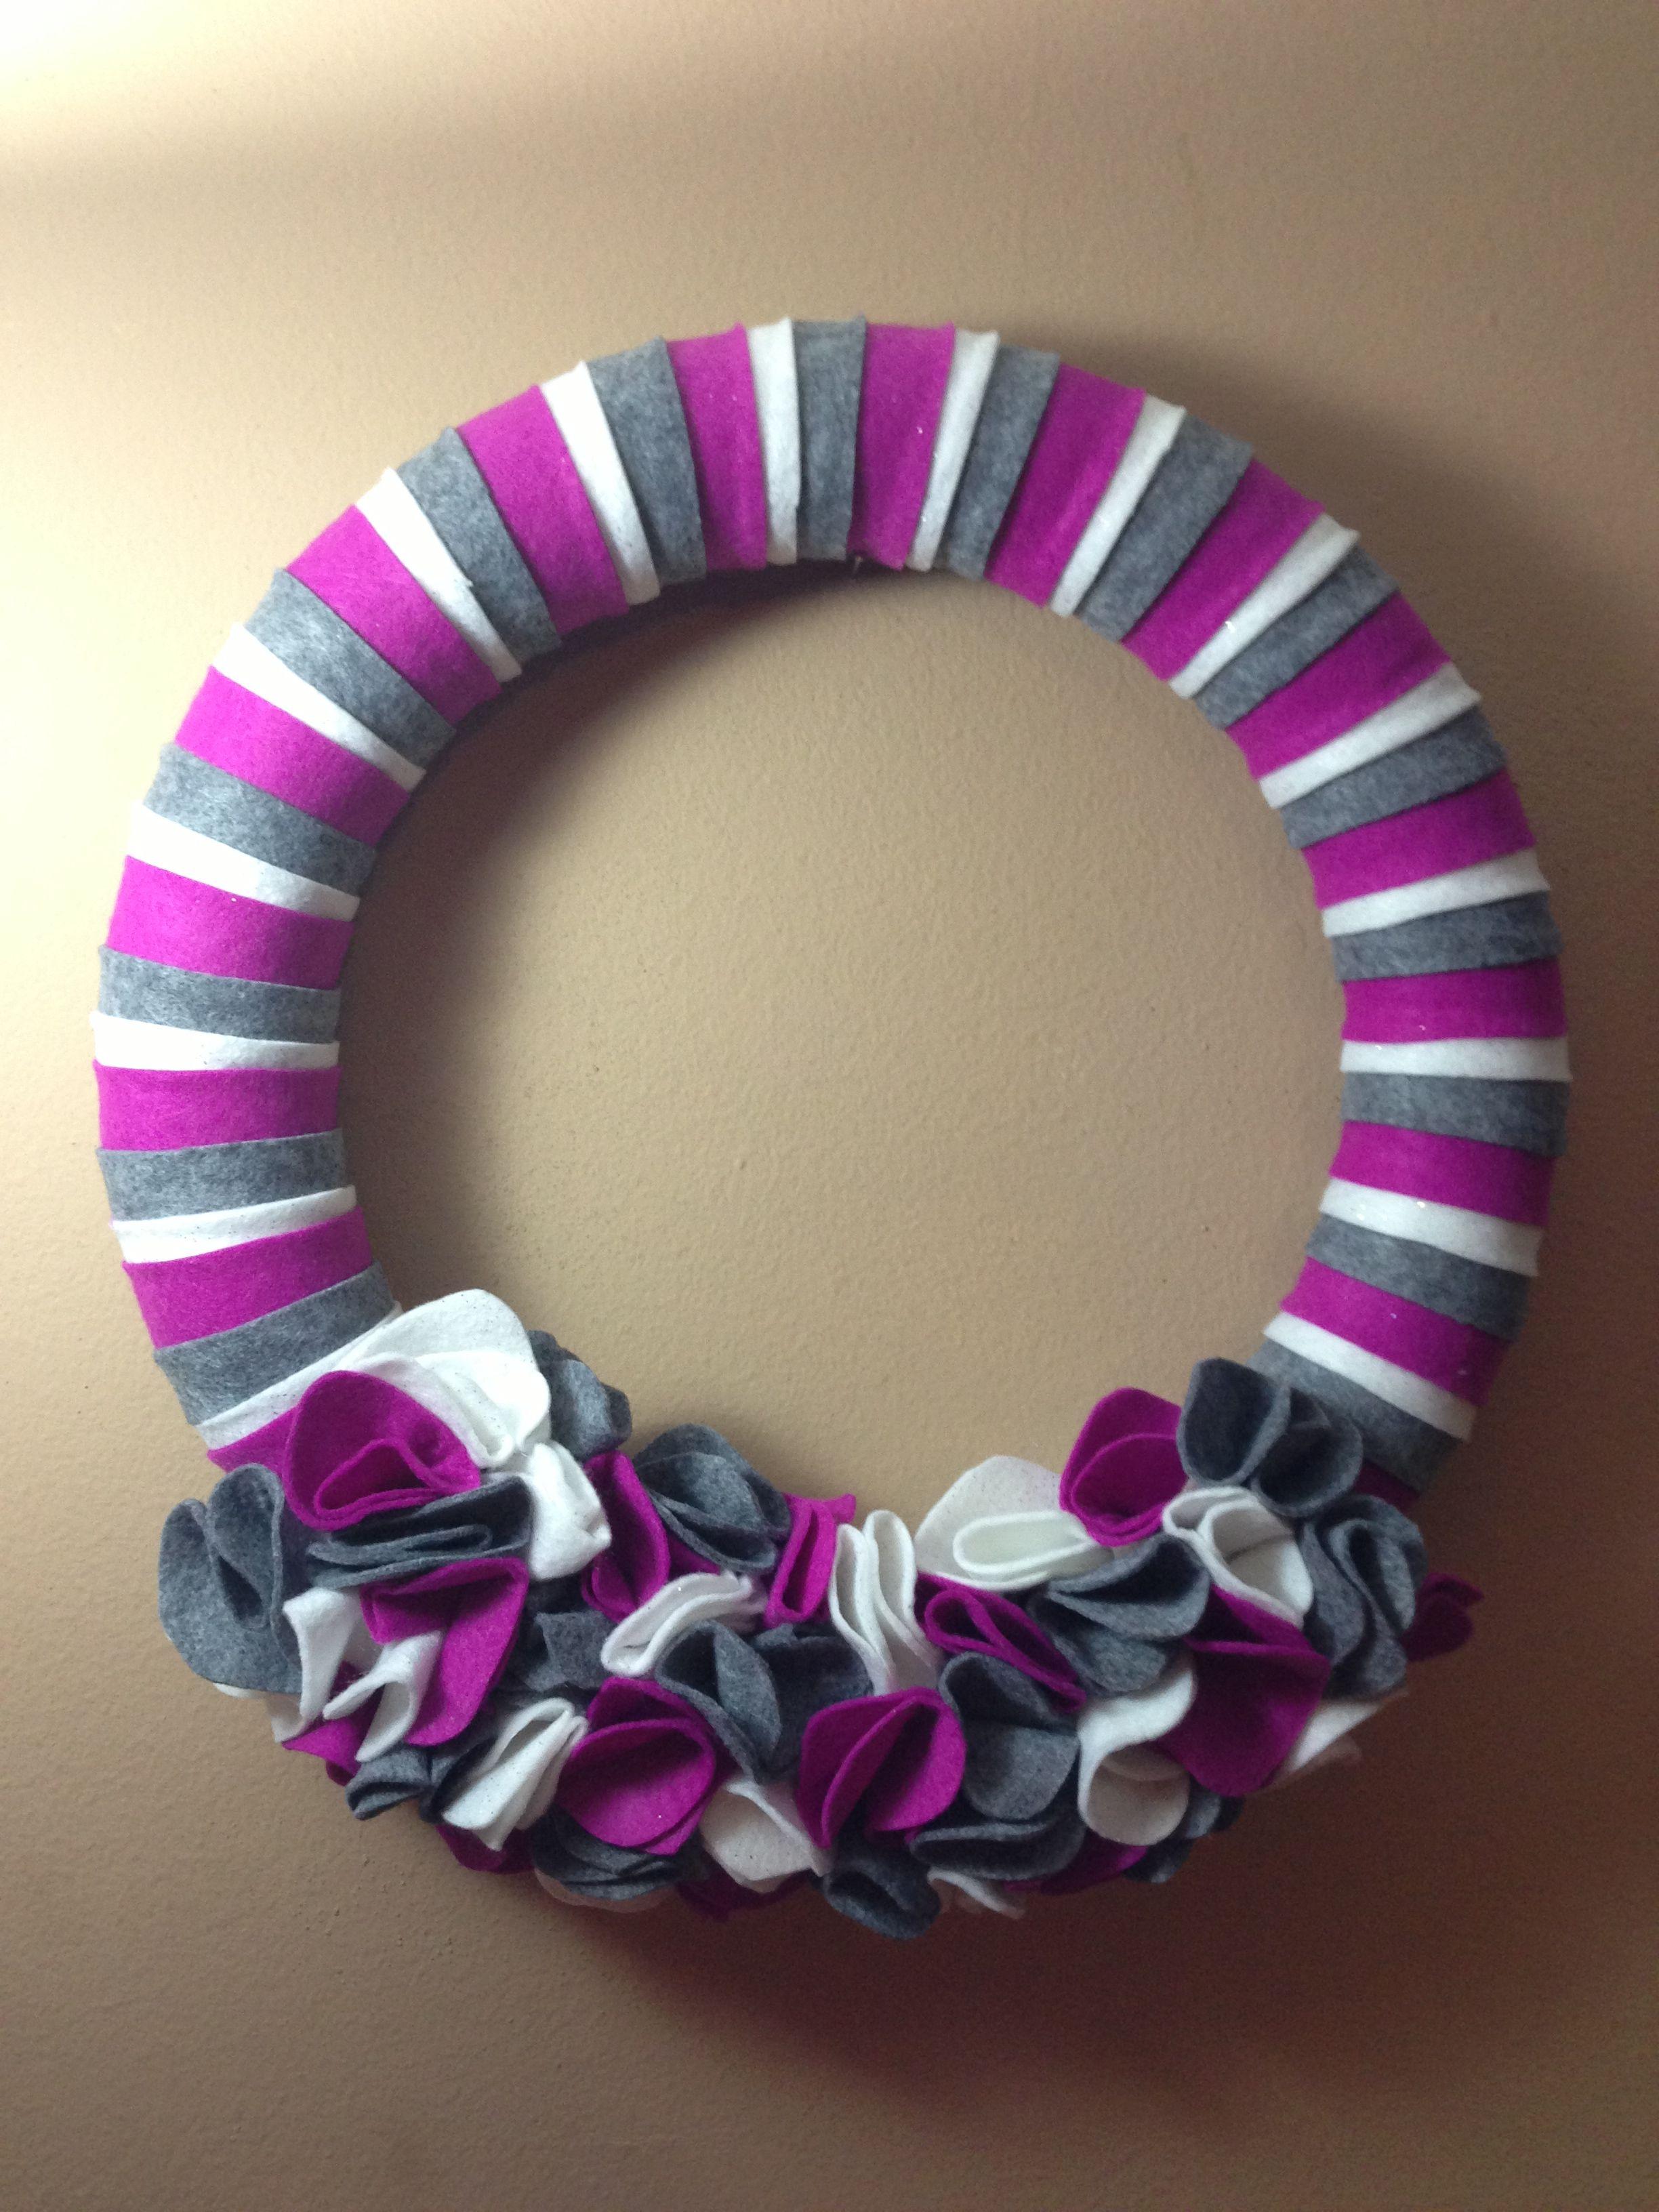 Felt Wreath, Christmas colors